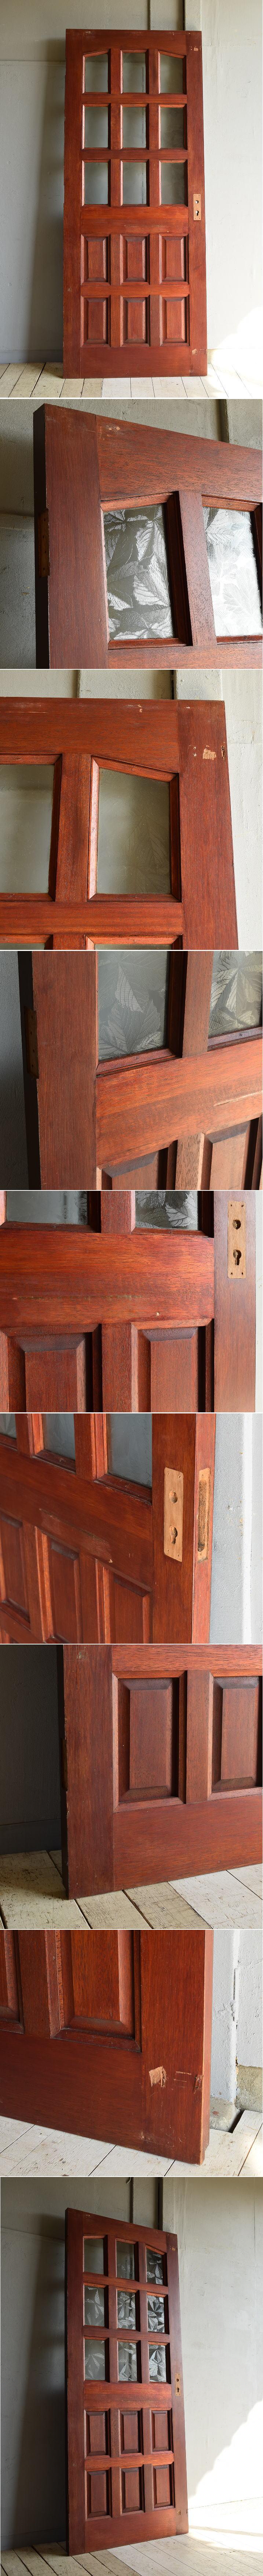 イギリス アンティーク ガラス入り木製ドア 扉 建具 7212